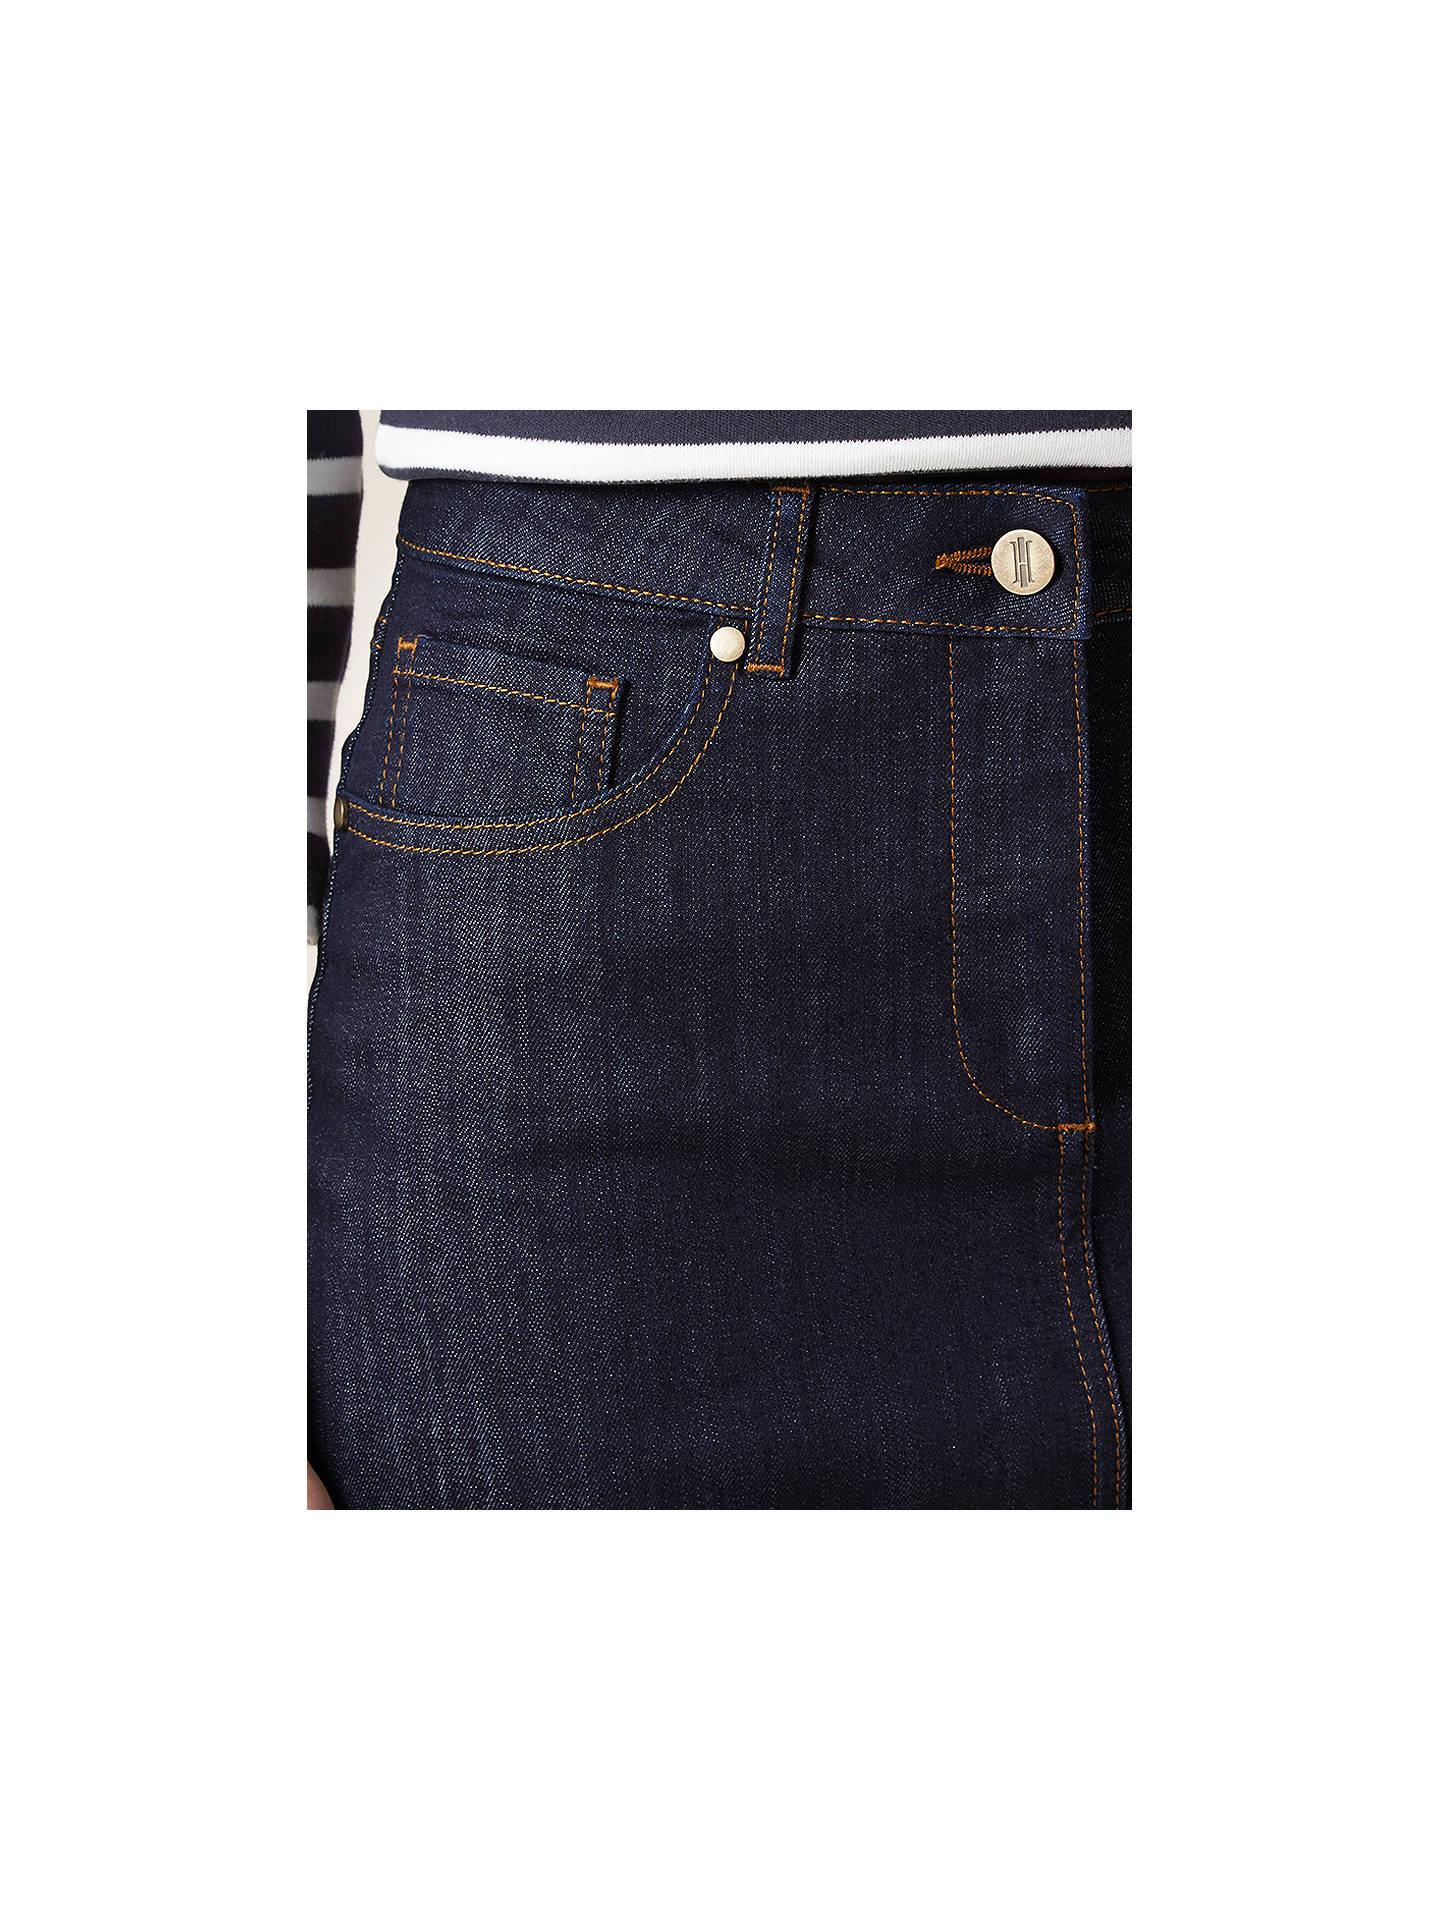 e0084aea7 ... Buy Hobbs Cicely Denim Skirt, Indigo, 6 Online at johnlewis.com